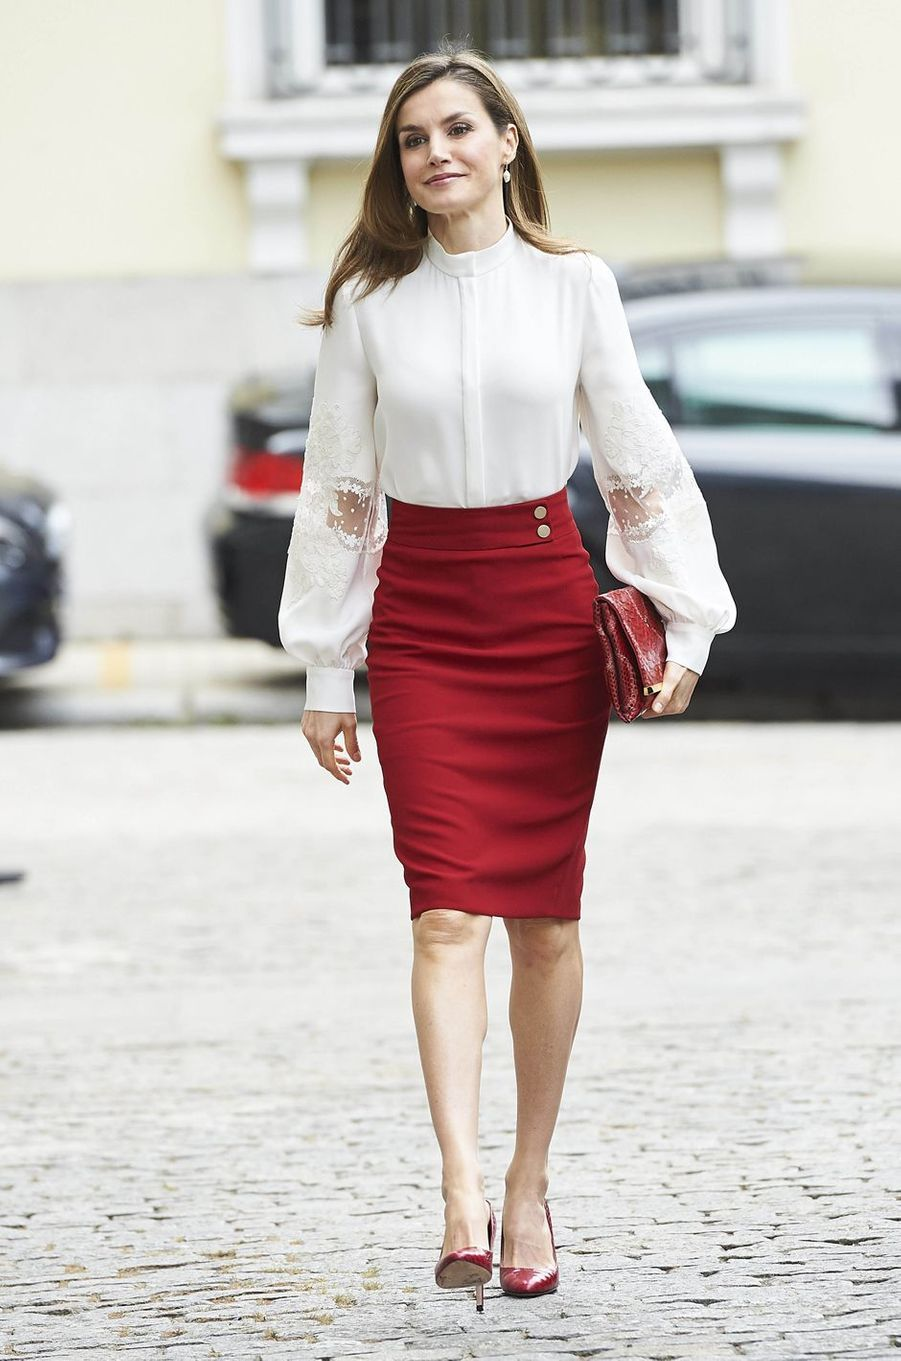 La reine Letizia d'Espagne à Madrid, le 29 mai 2017